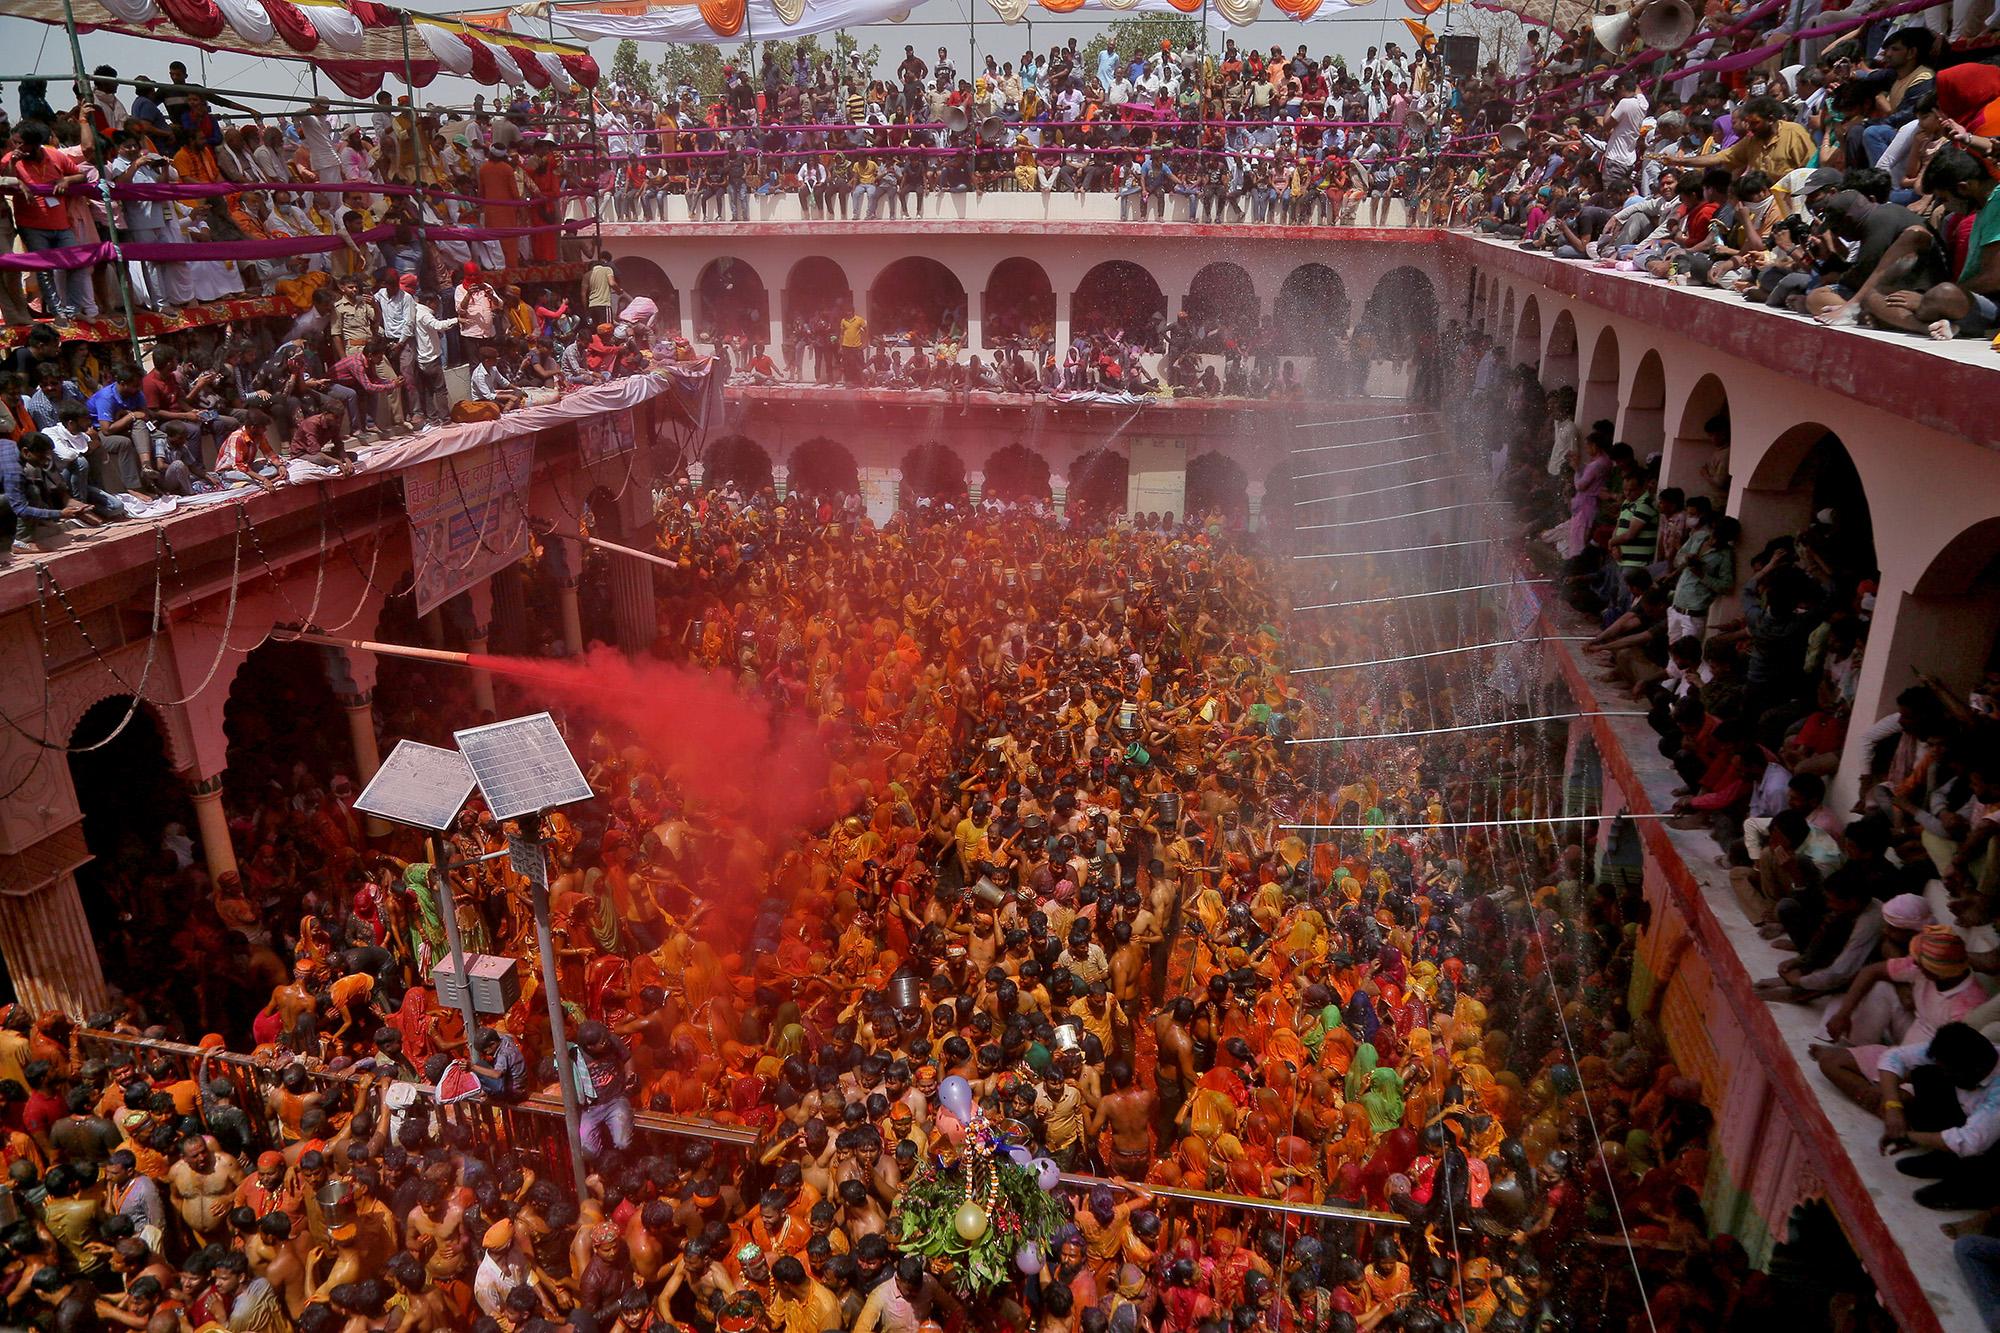 30 марта 2021 года, индуисты участвуют в«Хуранге», ритуальной игре между мужчинами иженщинами после фестиваля красок холи вхраме Дауджи вблизи города Матхура насевере Индии. Входе празднества женщины срывают смужчин одежды ипобивают их. Игры незаканчиваются, пока надхрамом неподнимут флаг